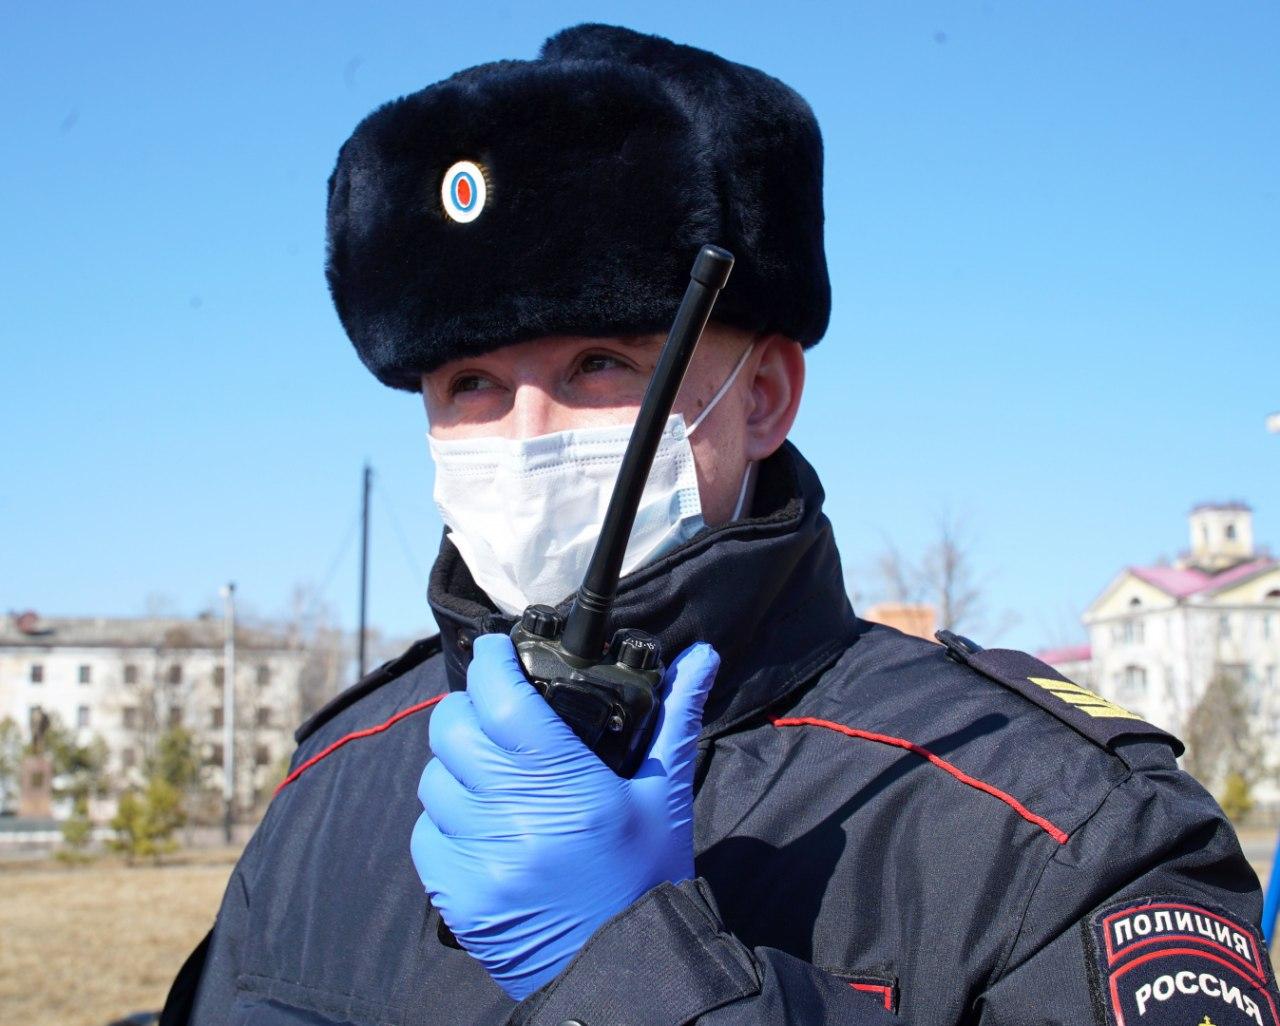 Новый пункт полиции появится в Хабаровске